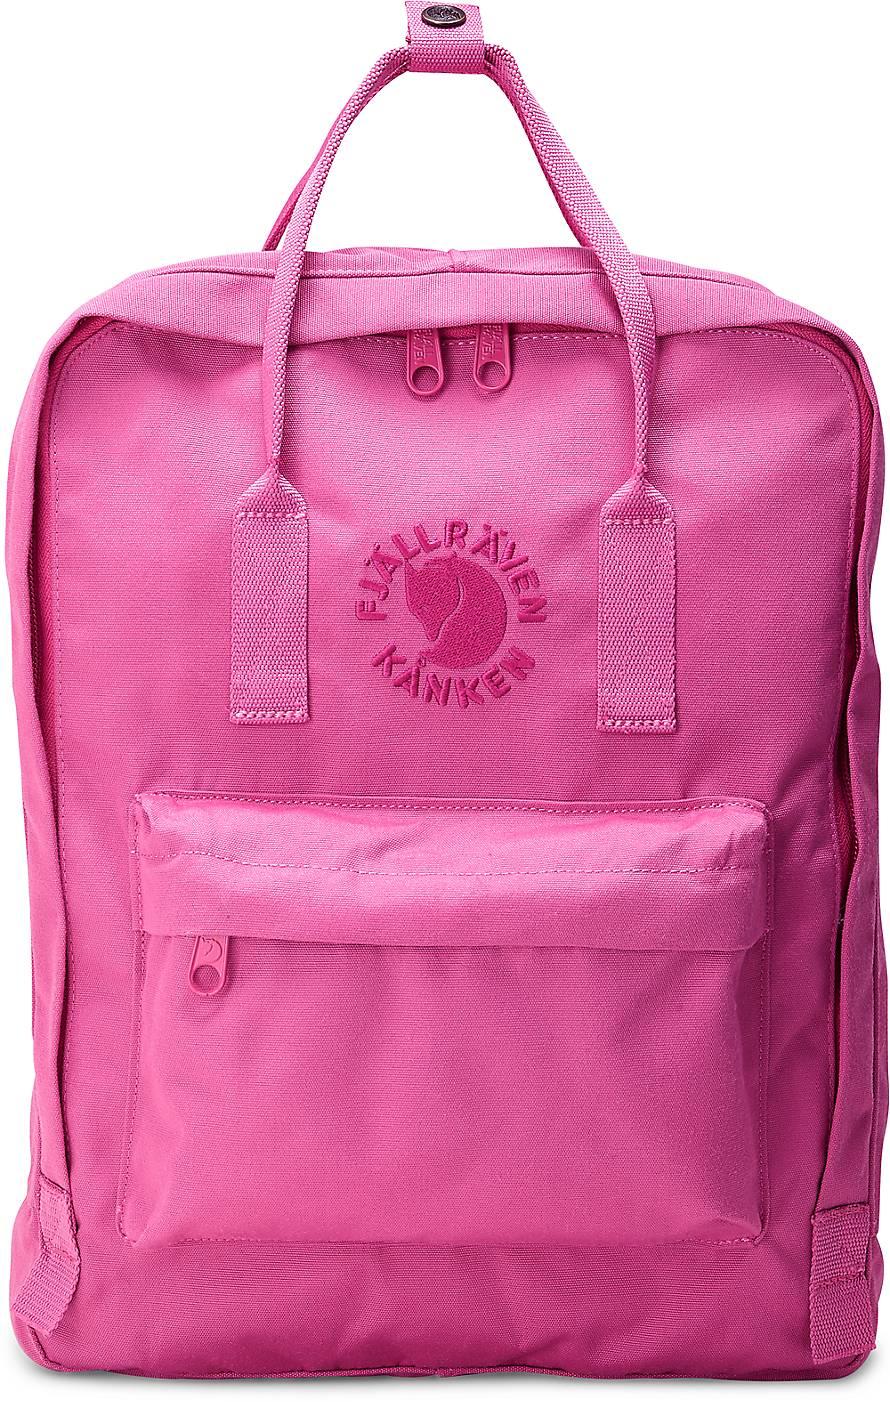 fj llr ven rucksack re k nken rucks cke pink goertz. Black Bedroom Furniture Sets. Home Design Ideas